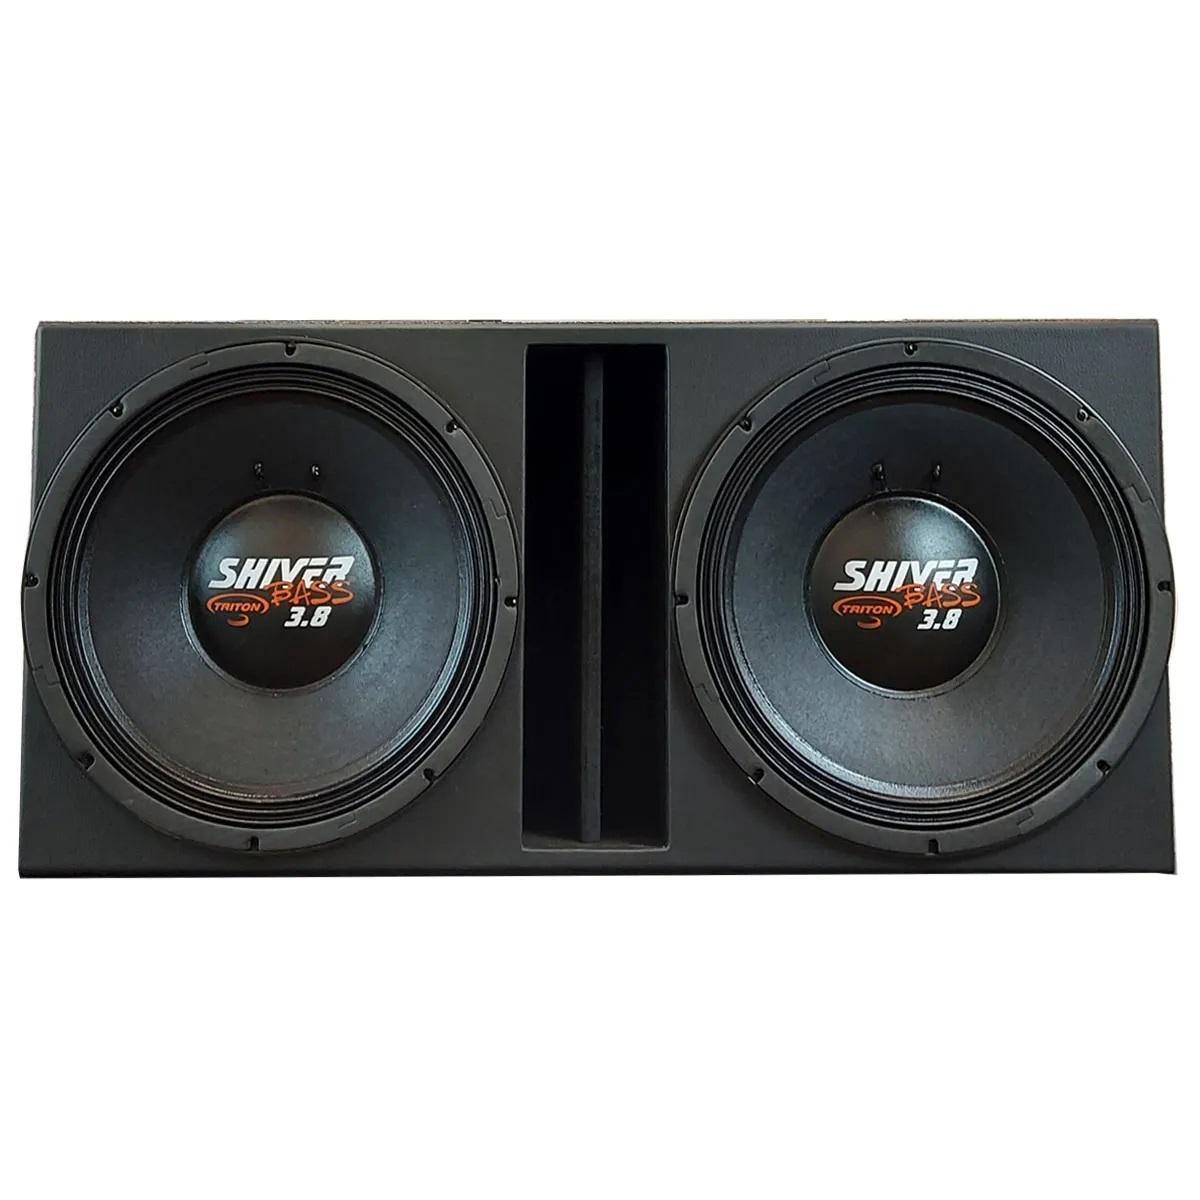 Caixa com 2 Shiver Bass 3.8 15 Polegadas